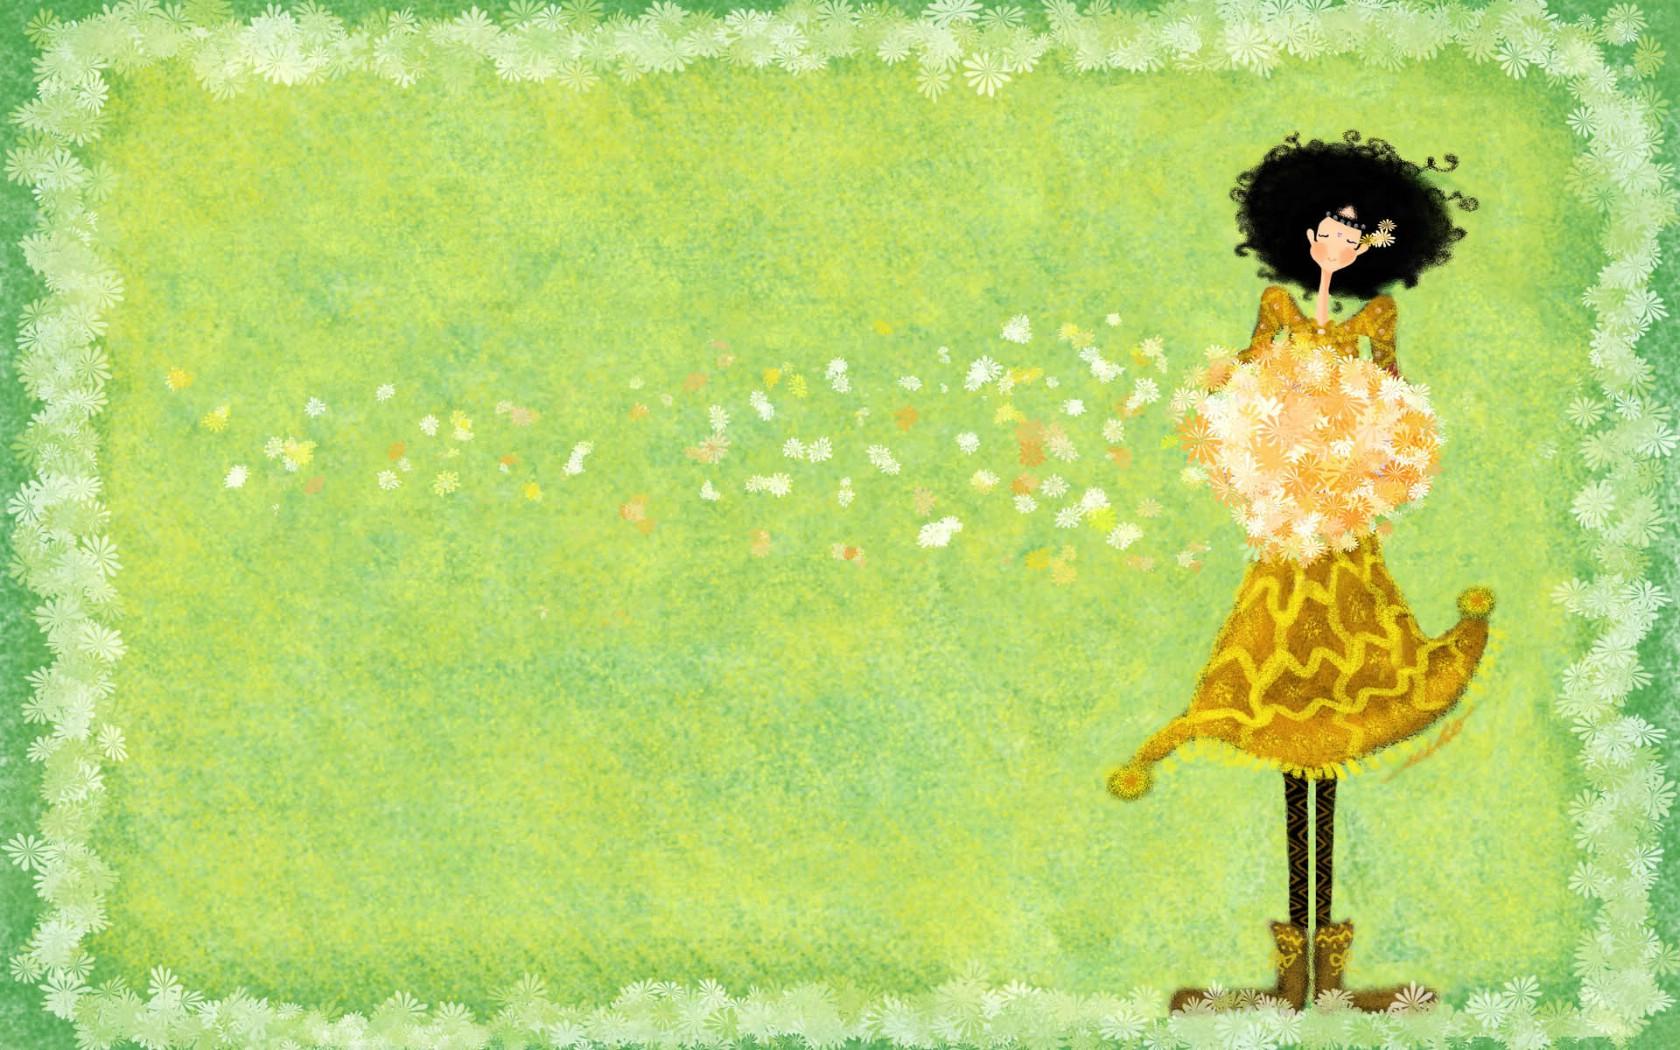 女孩的秘密梦花园宽屏壁纸